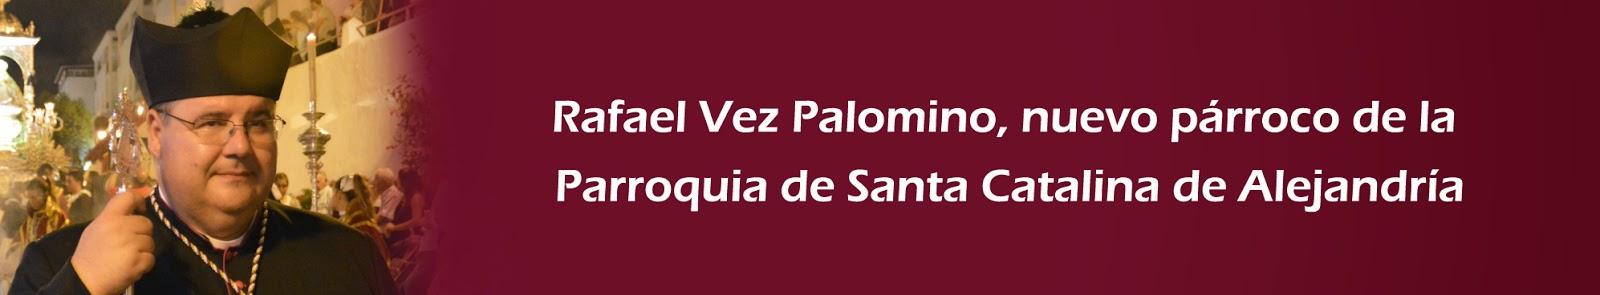 http://www.pasionygloriasdeconil.blogspot.com.es/2014/09/las-cofradias-no-son-asociaciones.html